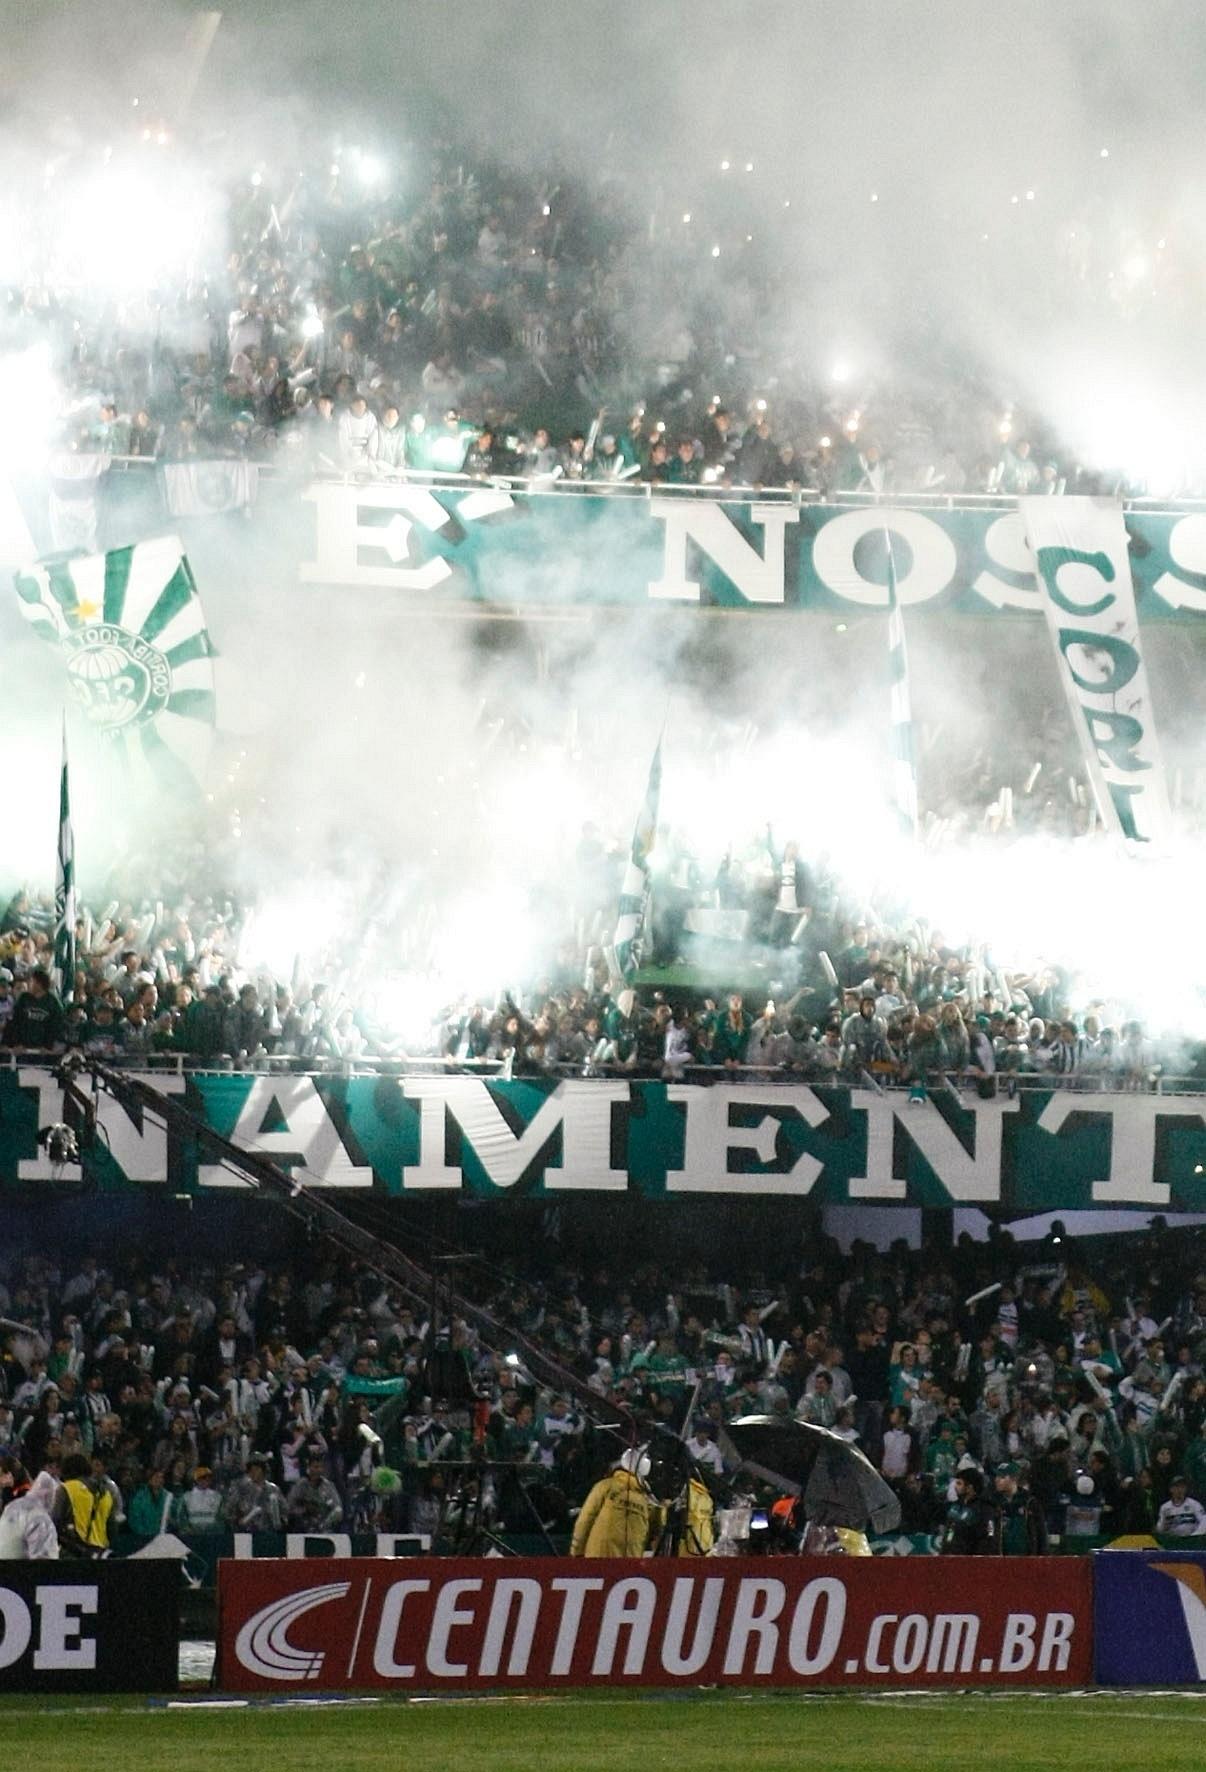 Torcida do Coritiba faz festa nas arquibancadas do Couto Pereira para a decisão da Copa do Brasil